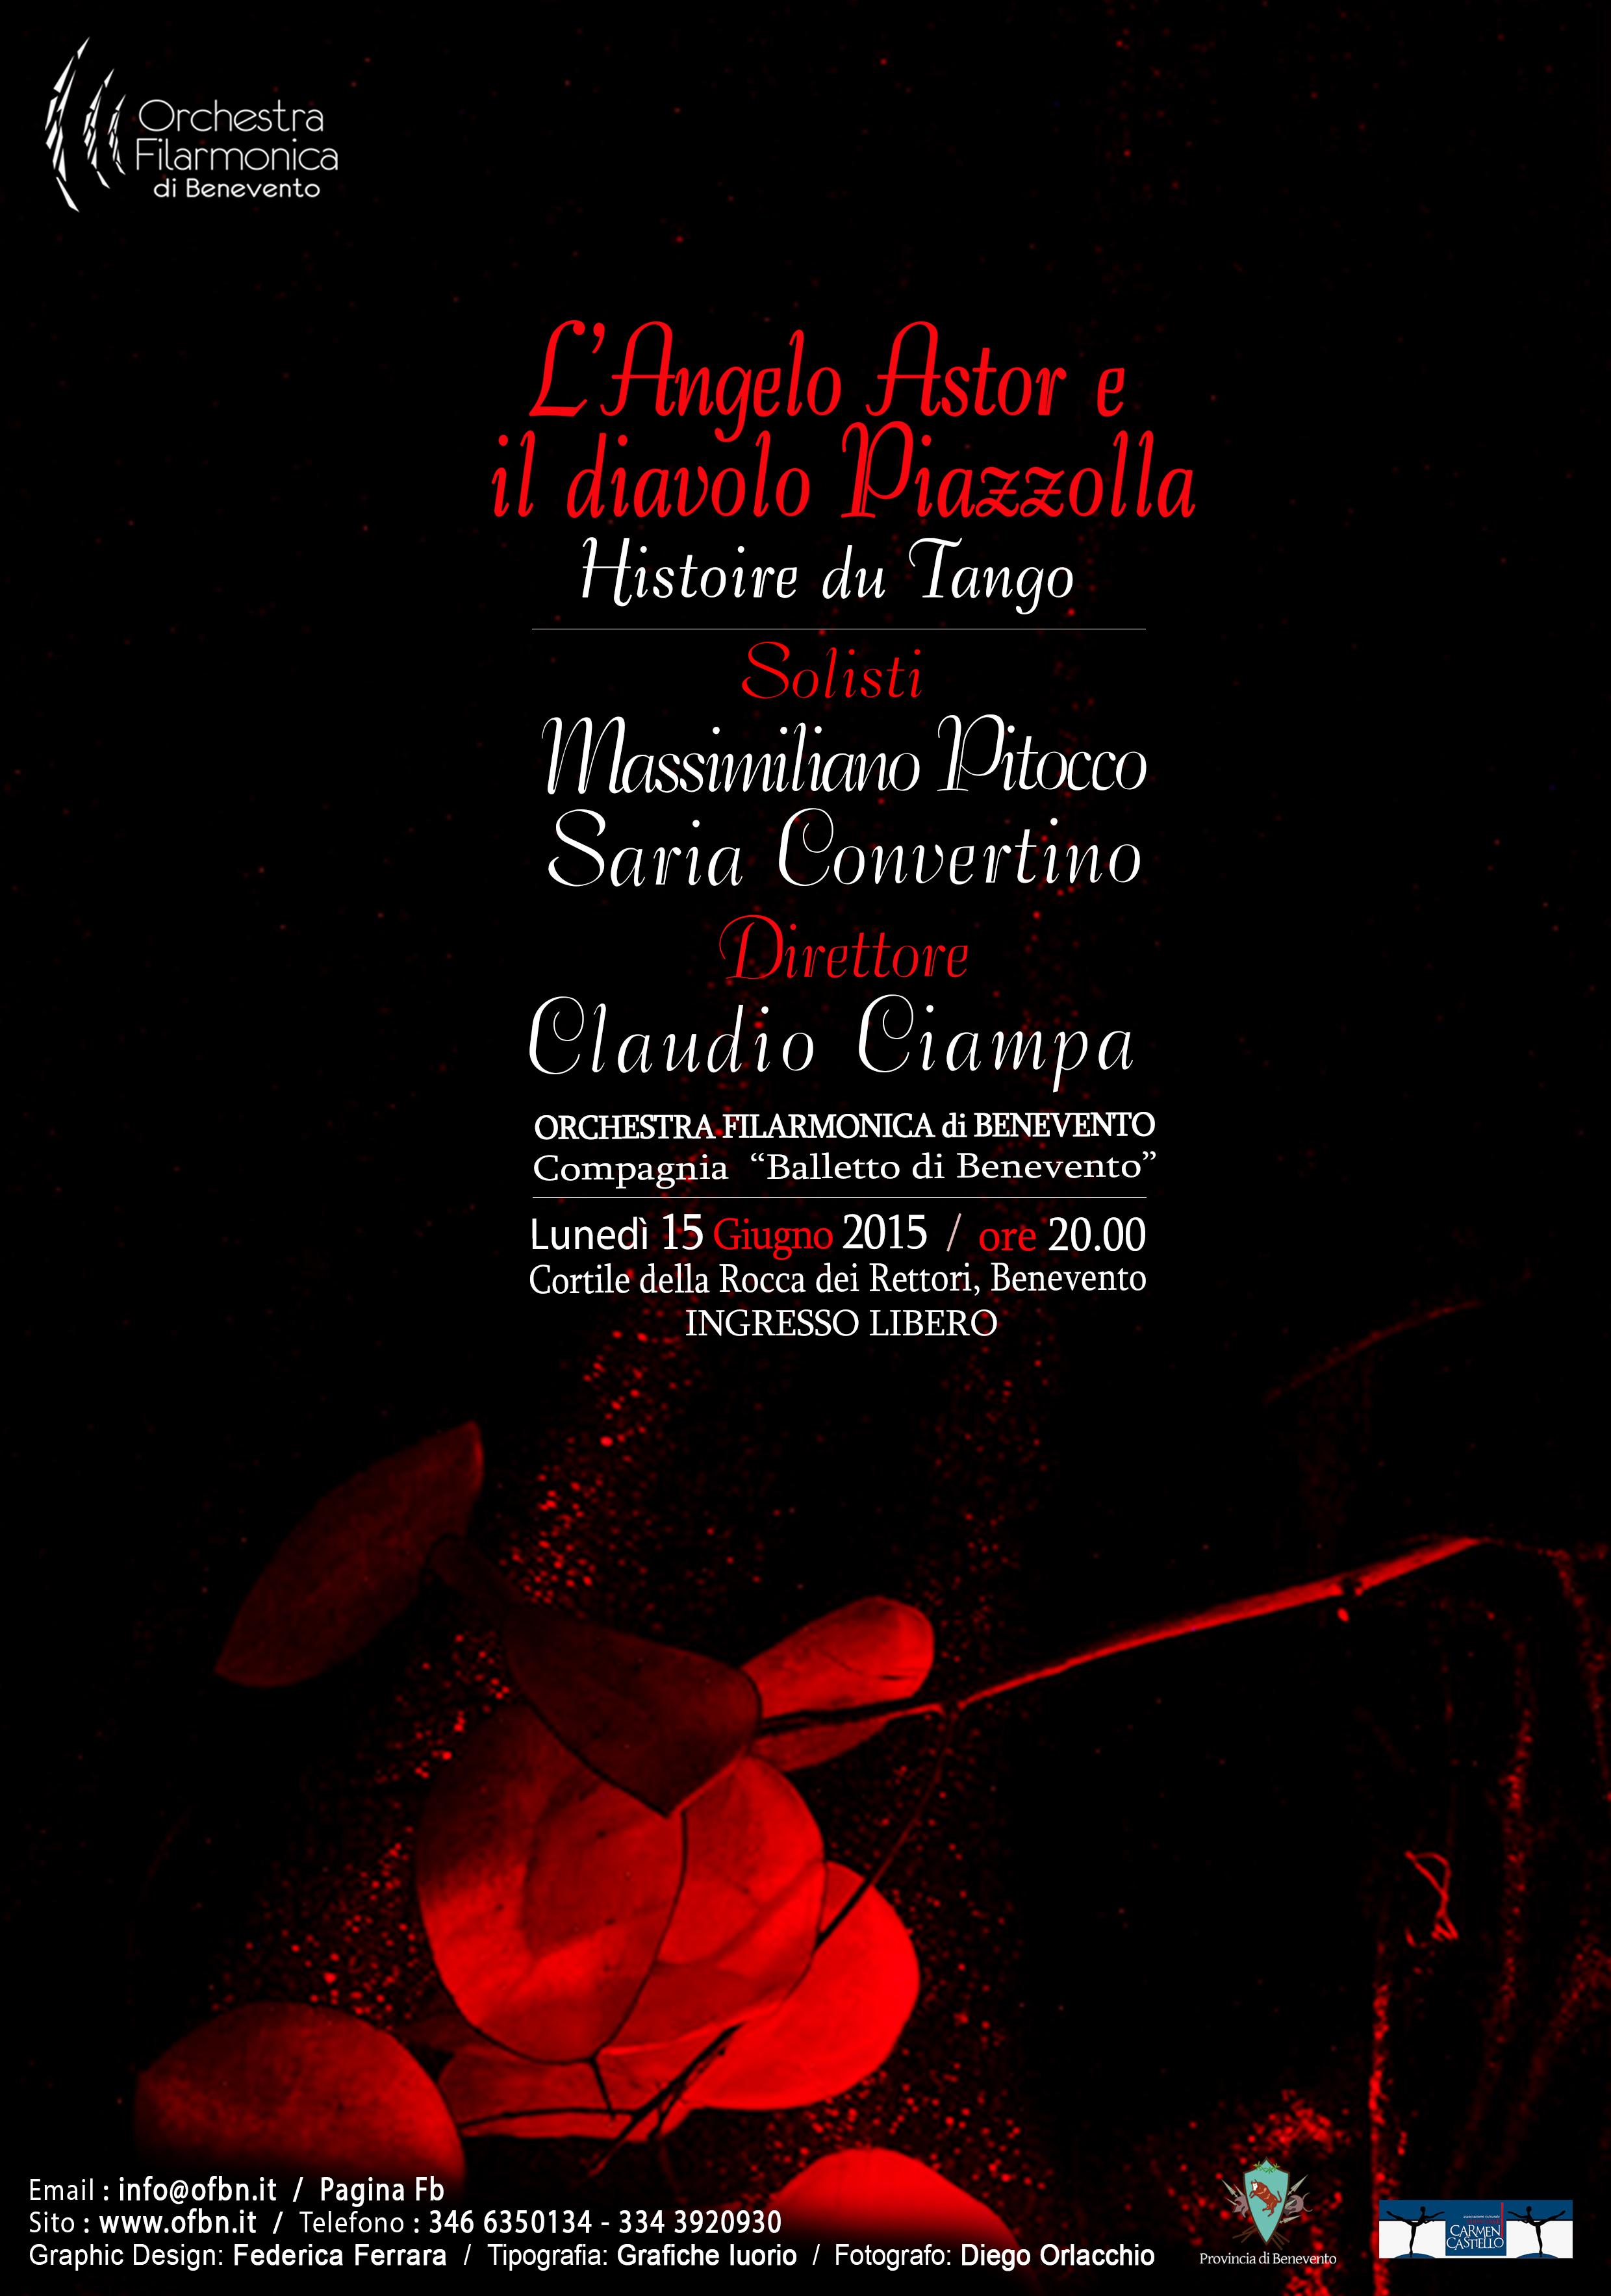 Concerto dell'Orchestra Filarmonica di Benevento alla Rocca dei Rettori